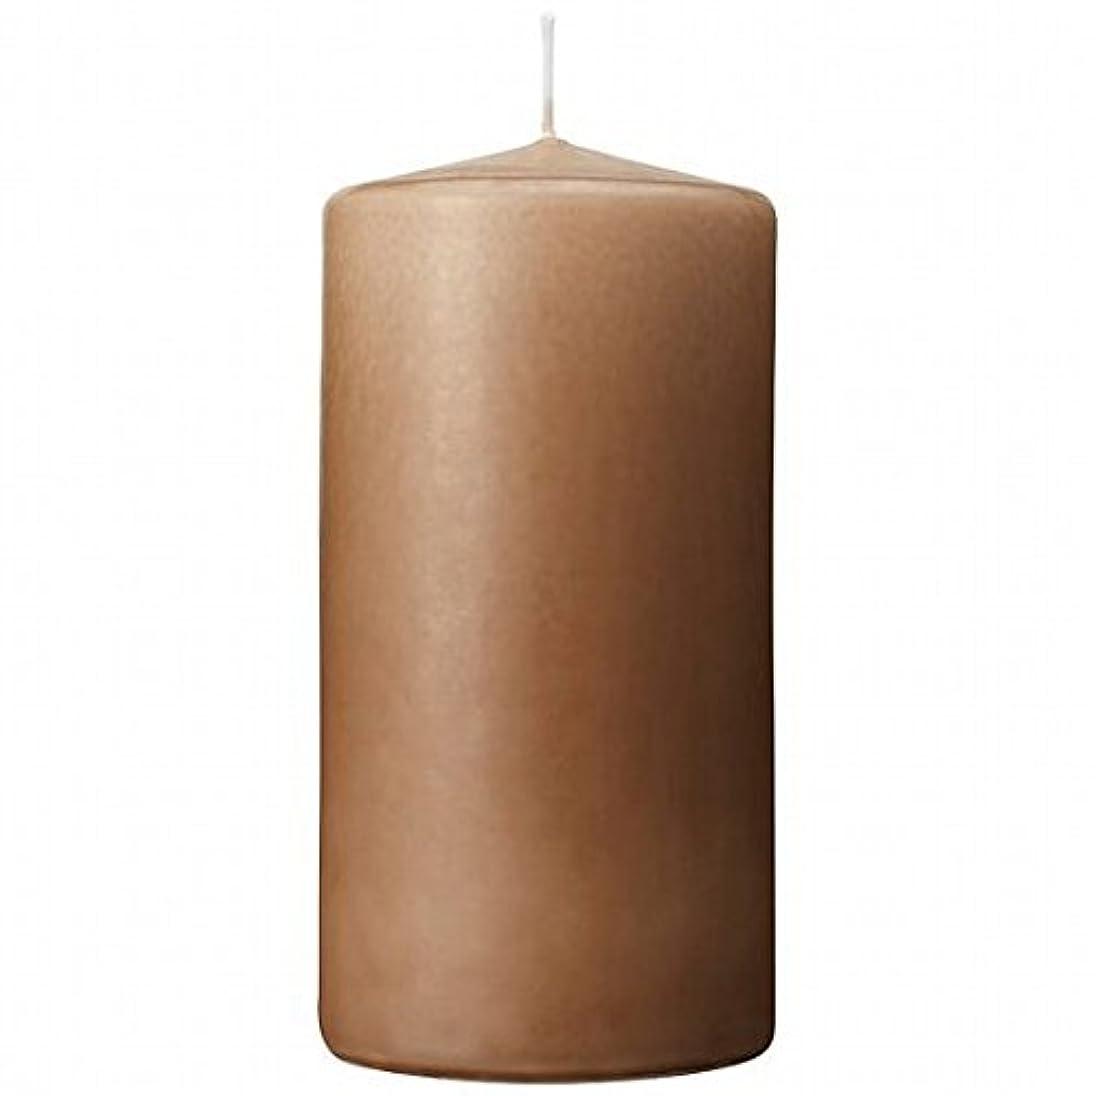 スクランブル判決極めてkameyama candle(カメヤマキャンドル) 3×6ベルトップピラーキャンドル 「 モカ 」(A9730010MO)